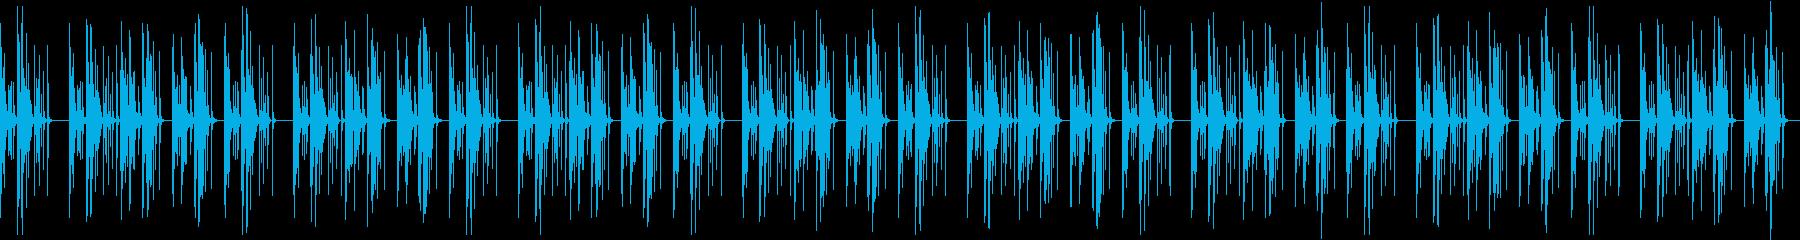 おっちょこちょいなBGMマリンバ・木琴の再生済みの波形